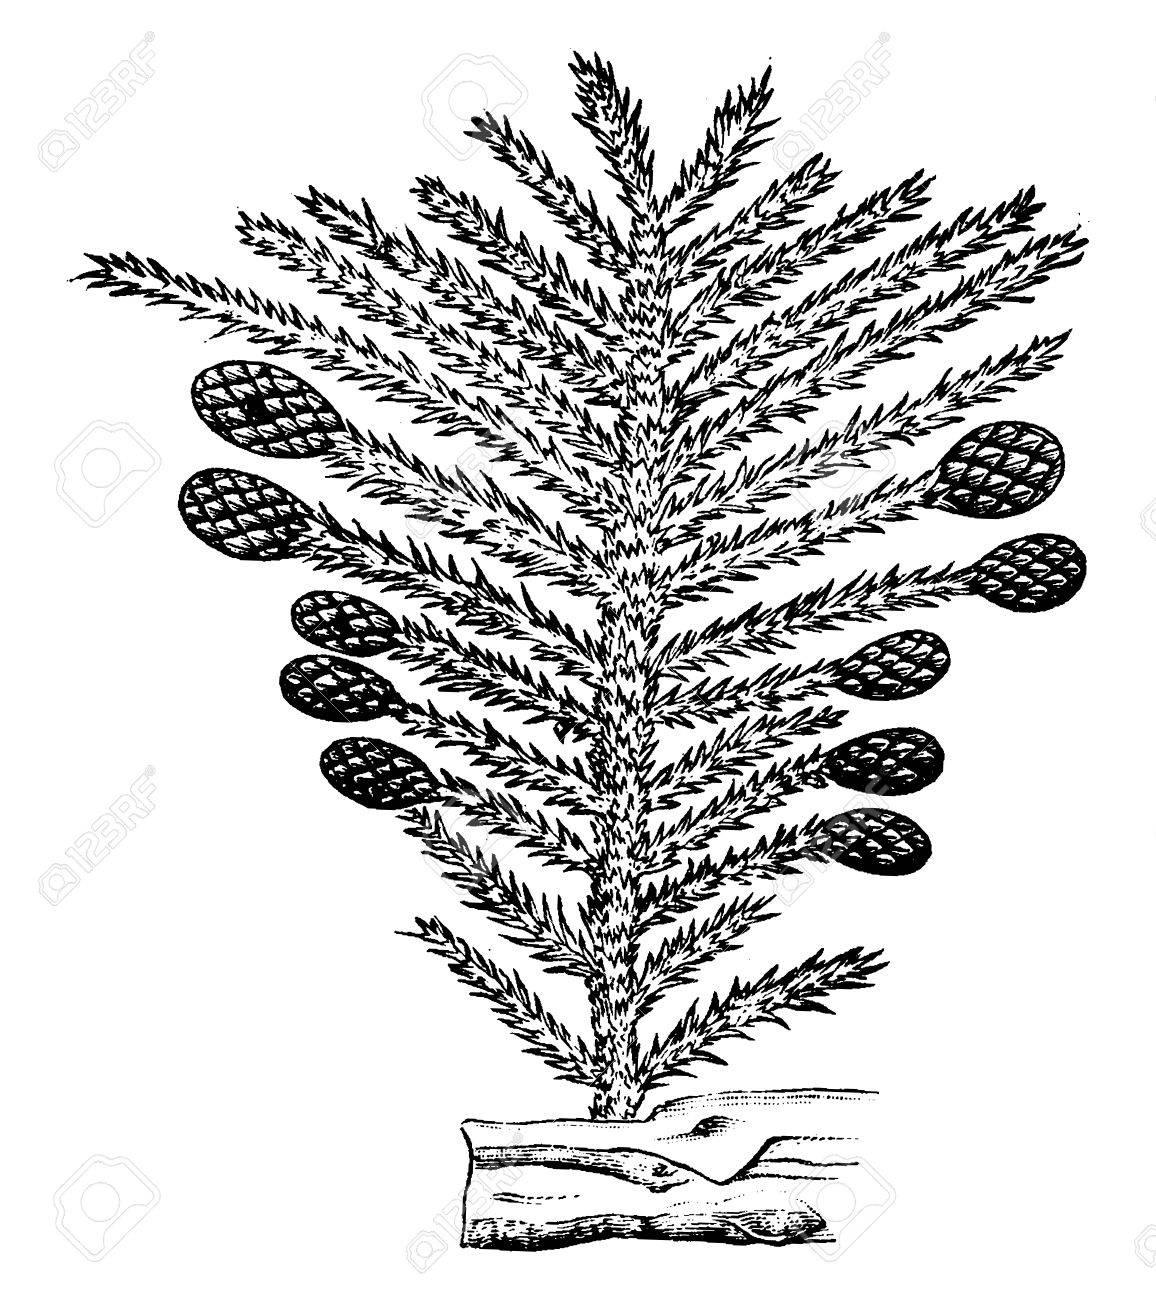 Geliebte Die Pflanzen Der Perm-Zeit, Nadelbaum, Jahrgang Gravierte @QW_87